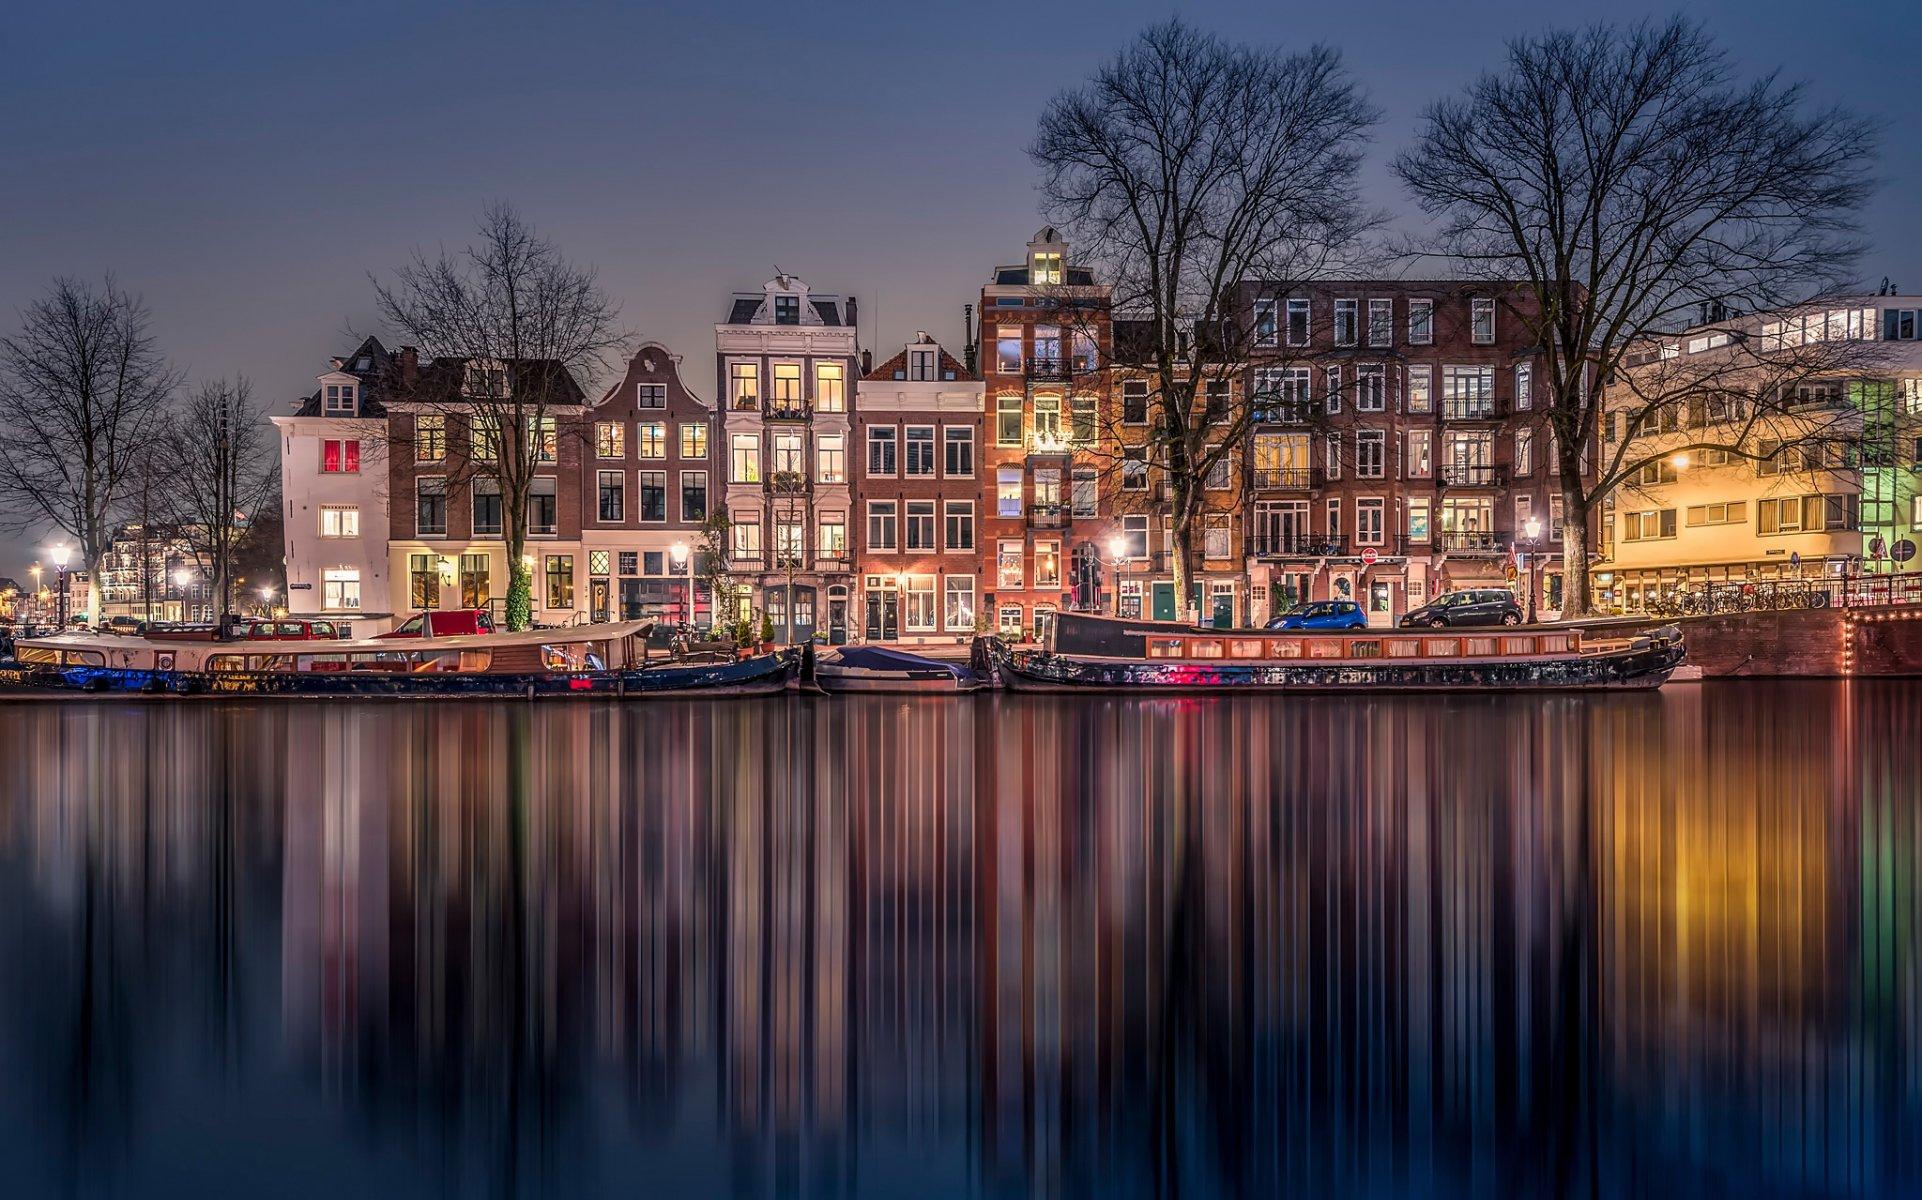 Фотоотчет из амстердам волгоград засекла сына